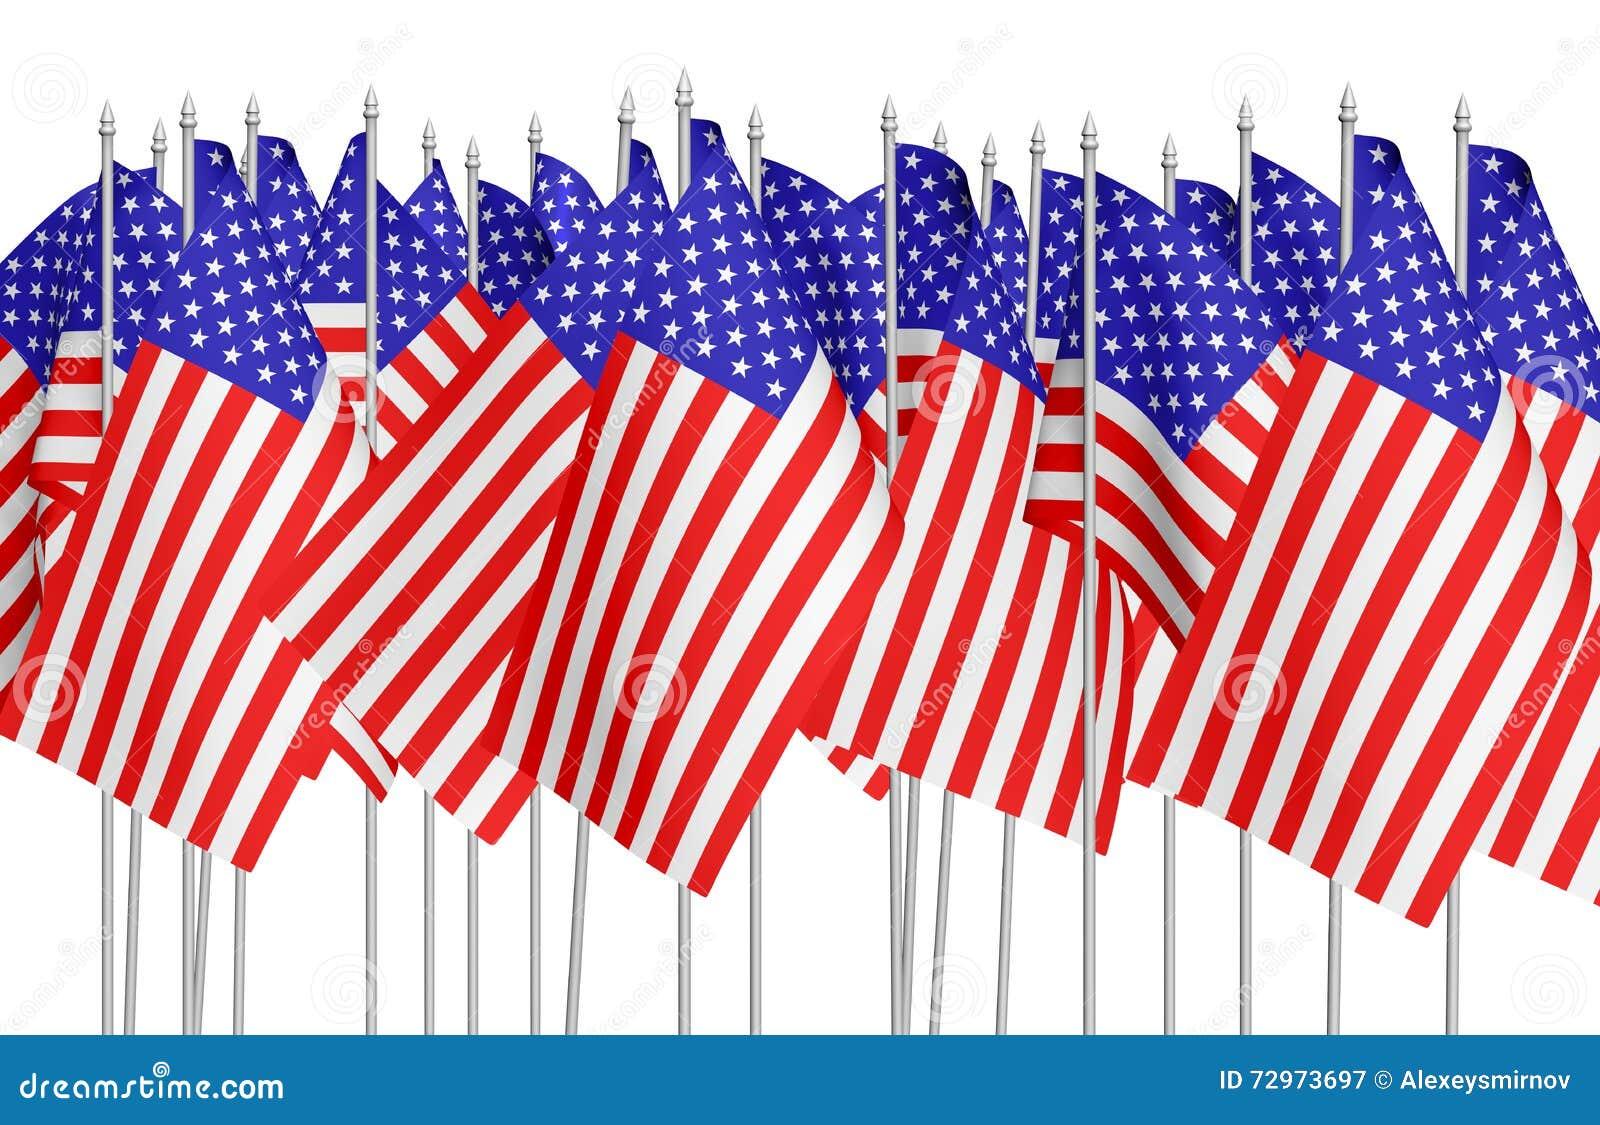 Muchas pequeñas banderas americanas en fila aisladas en blanco